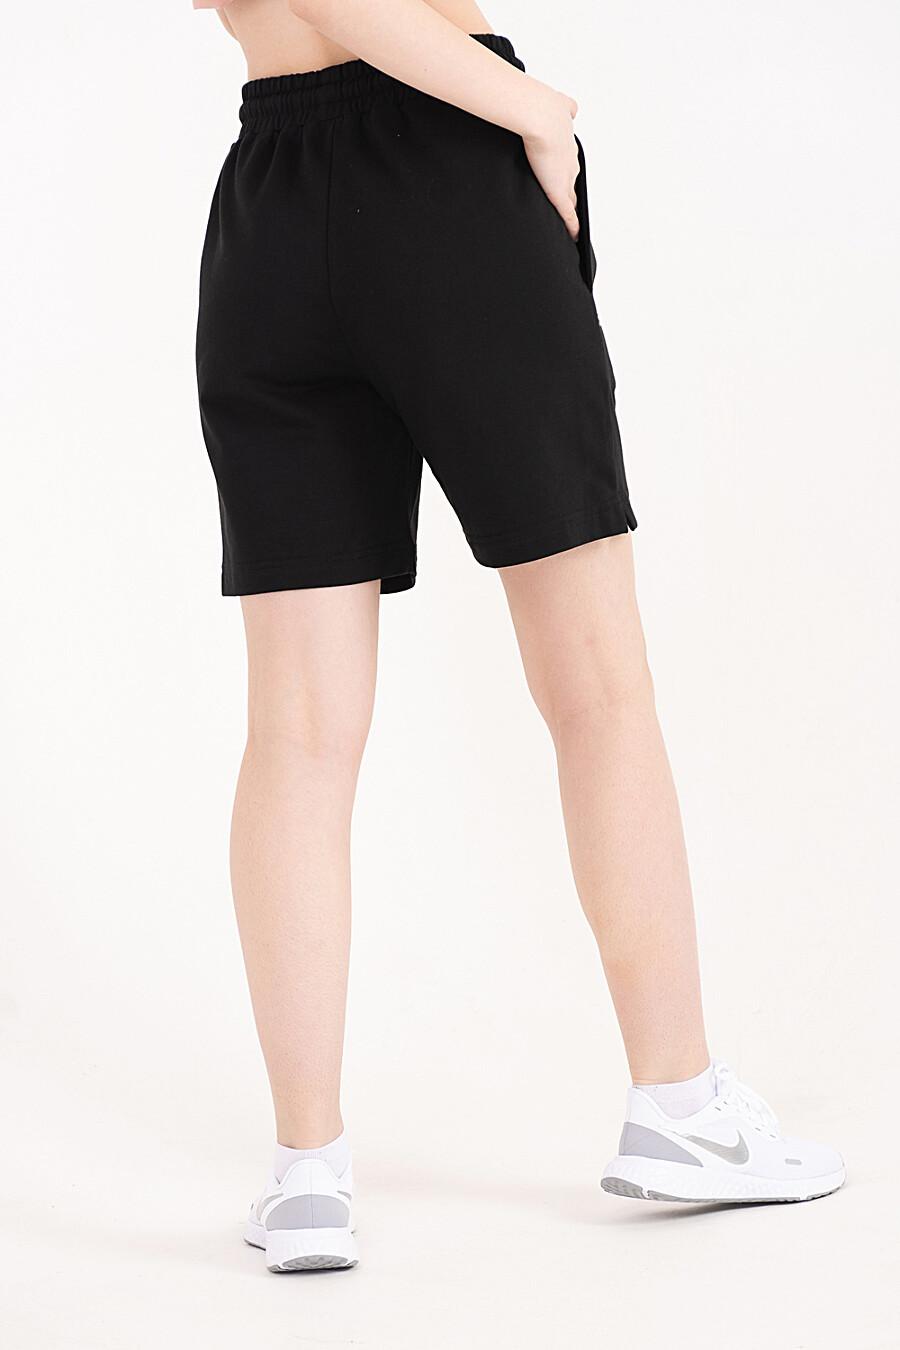 Шорты 16063 для женщин НАТАЛИ 649270 купить оптом от производителя. Совместная покупка женской одежды в OptMoyo